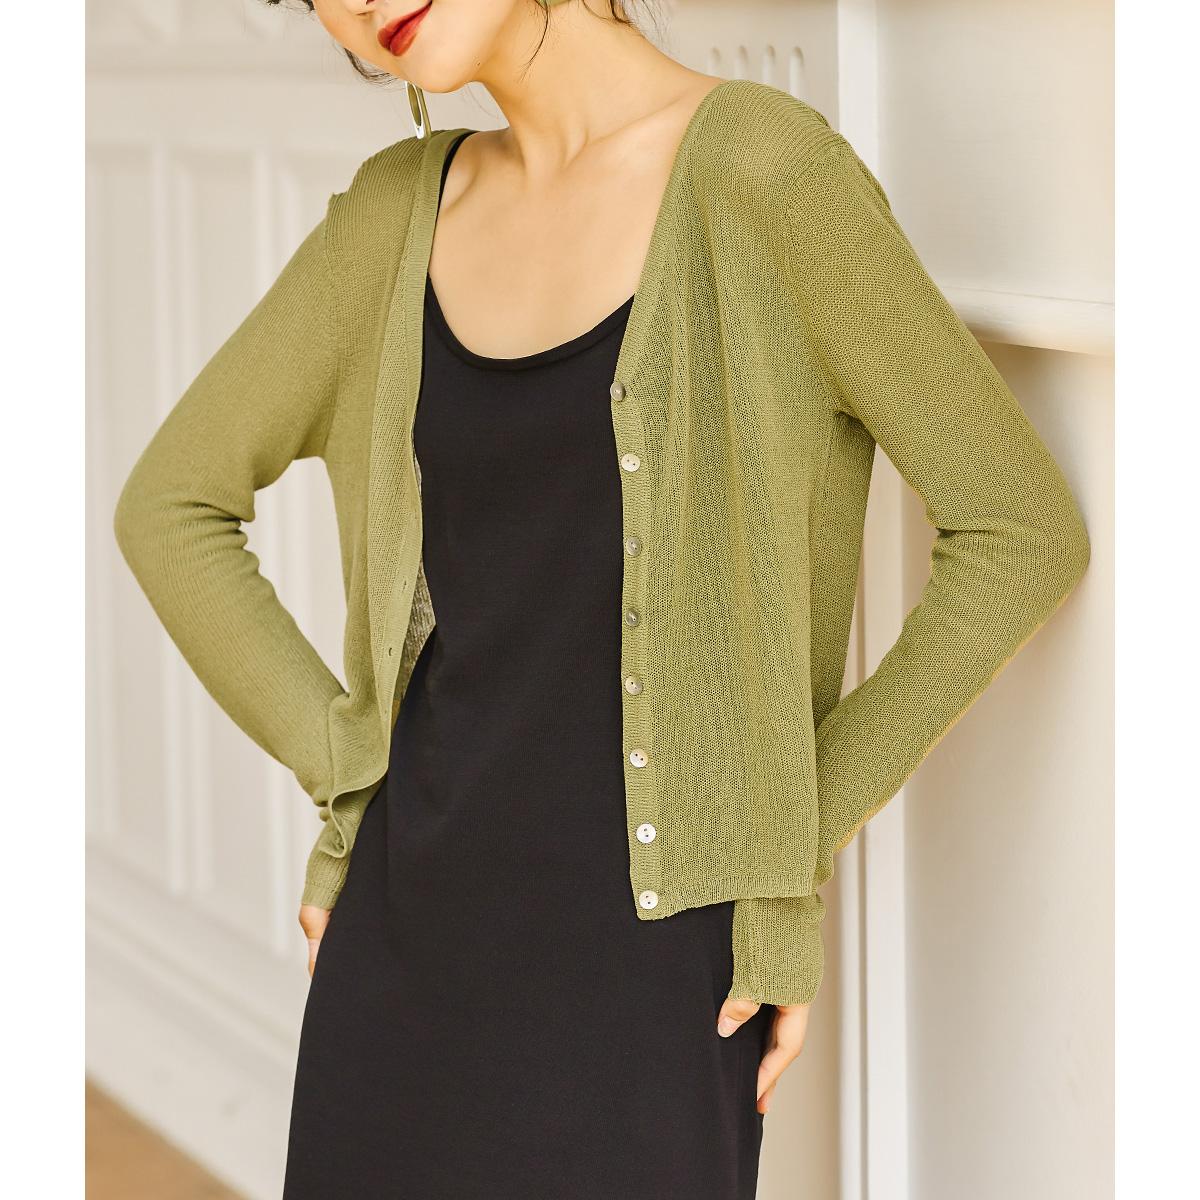 绿色针织衫 弥古绿色防晒衫针织开衫女夏薄款黑色设计感外套长袖上衣短款外搭_推荐淘宝好看的绿色针织衫